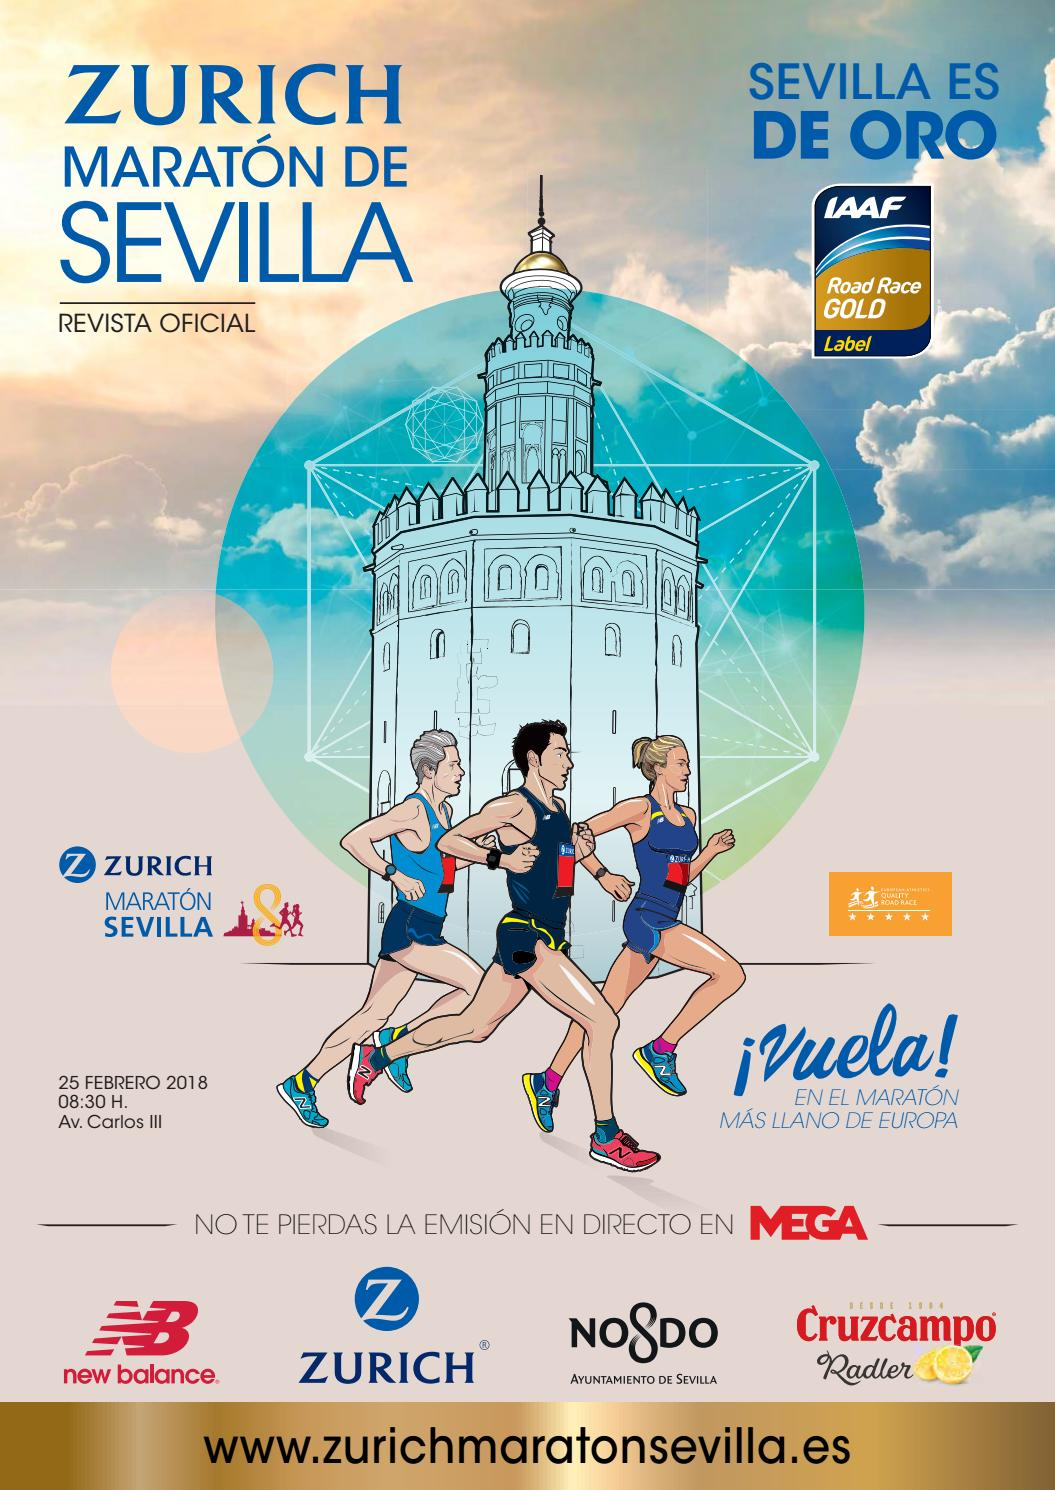 Revista oficial del Zurich Maratón de Sevilla 2018 by